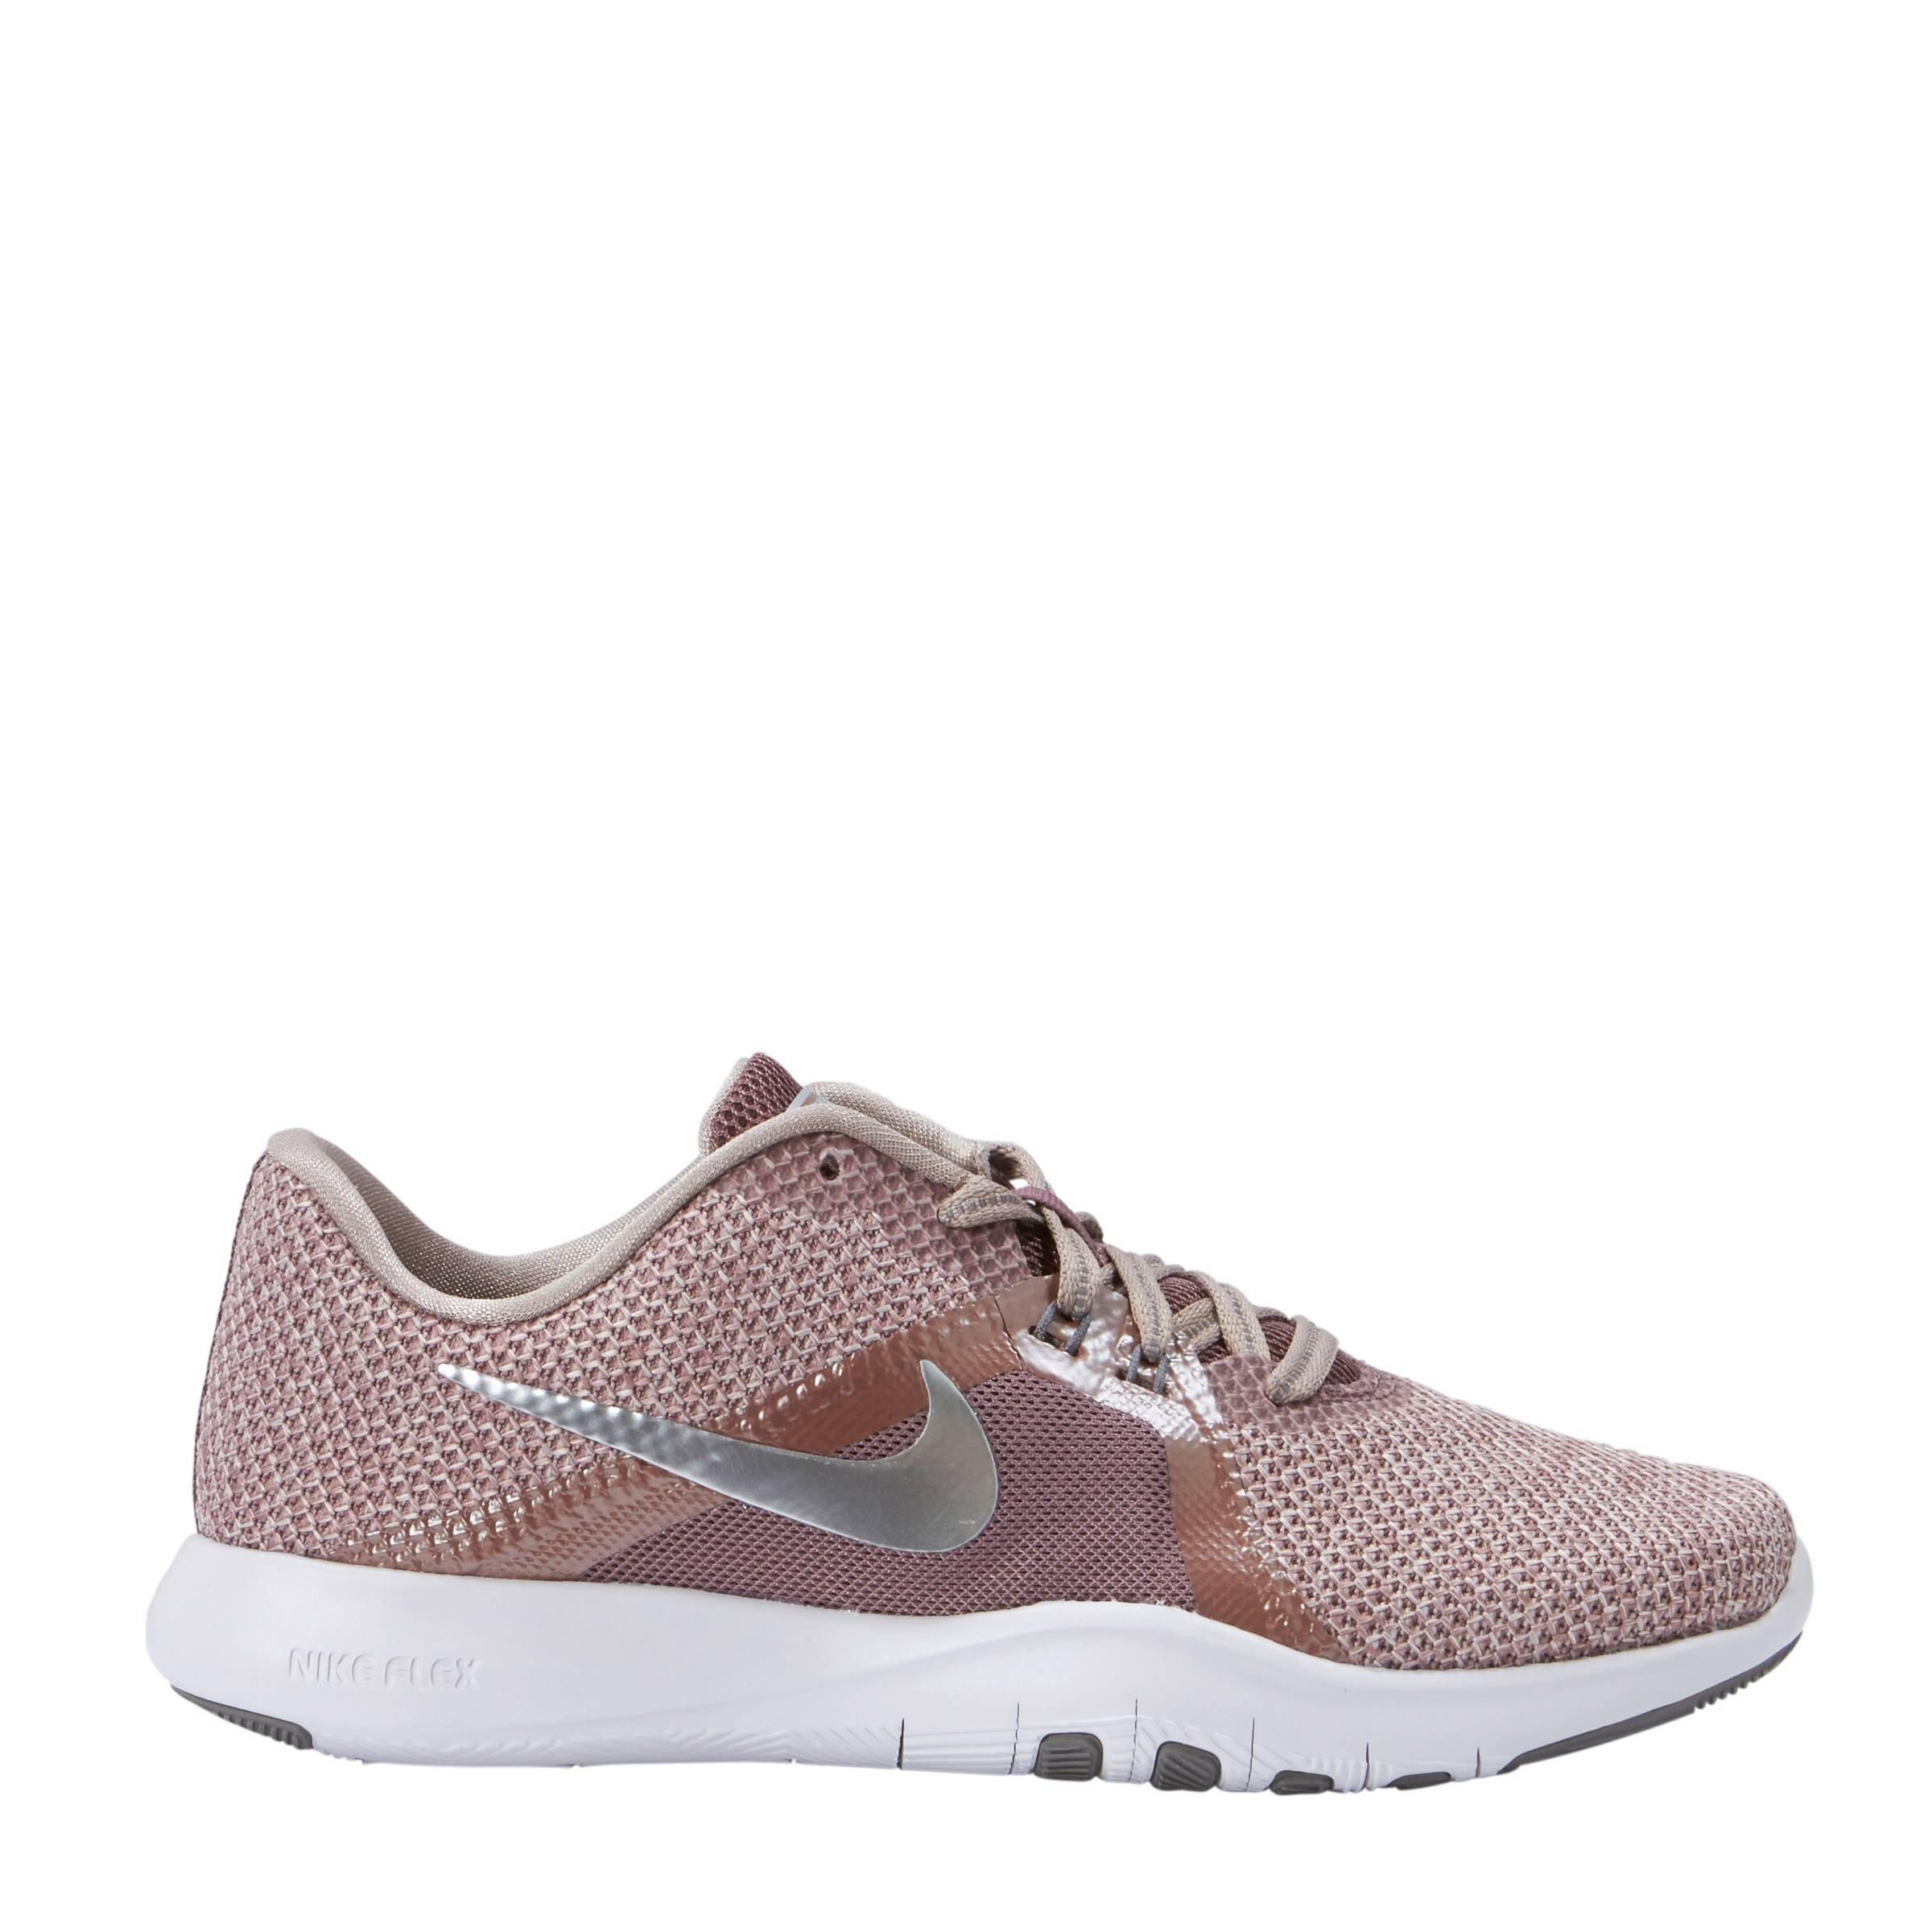 4be3c844d09 nike-flex-tr8-fitness-schoenen-oudroze-0191884335118.jpg